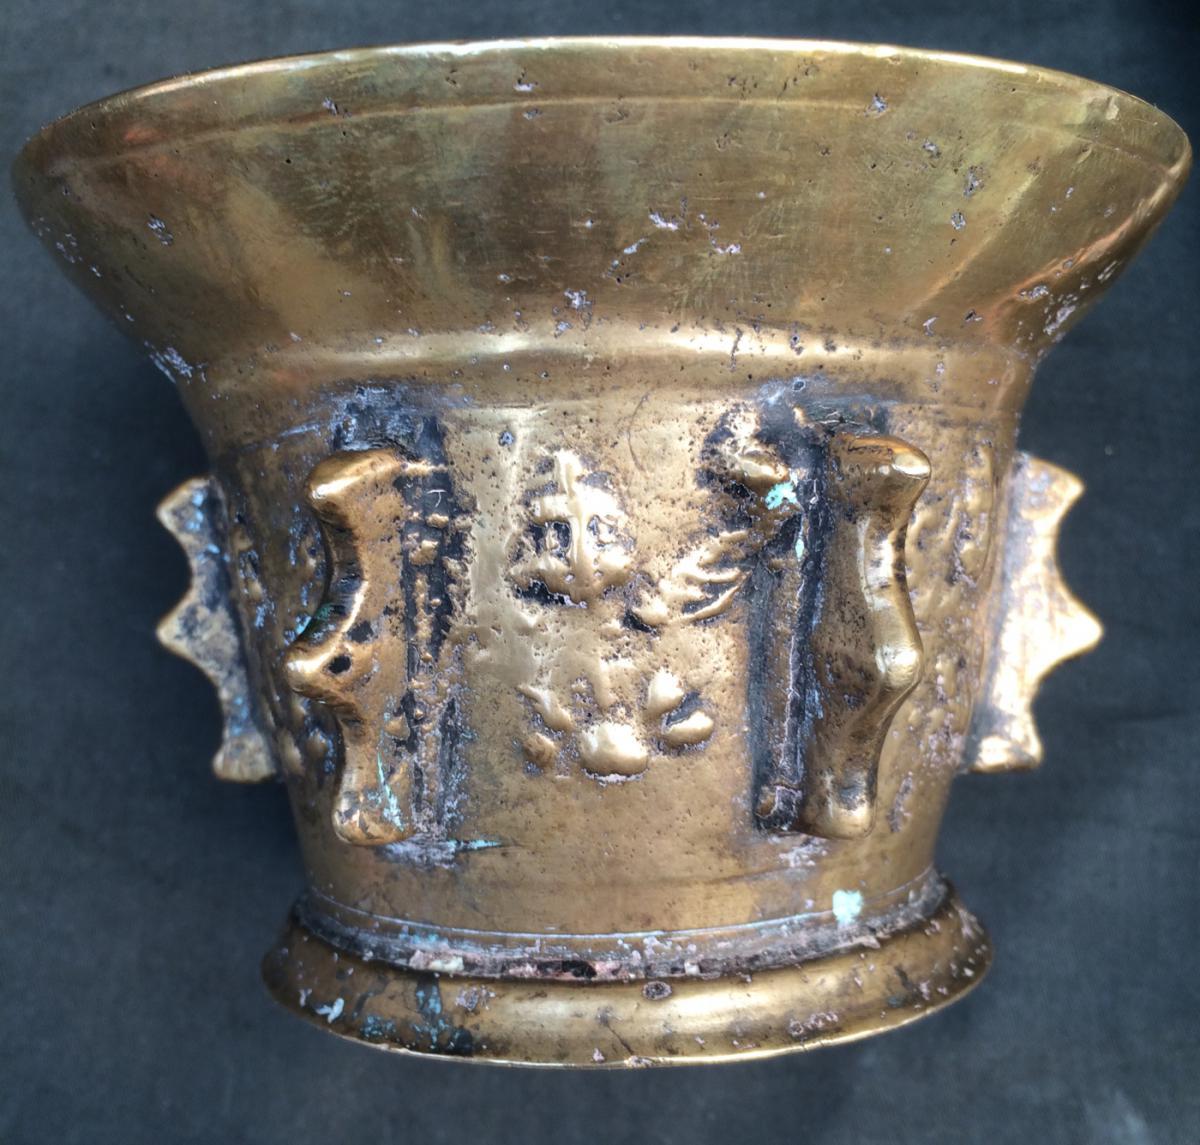 Mortier d'Apothicaire Et Son Pilon-angelots Appliqués-bronze-17e-haute Époque--photo-1